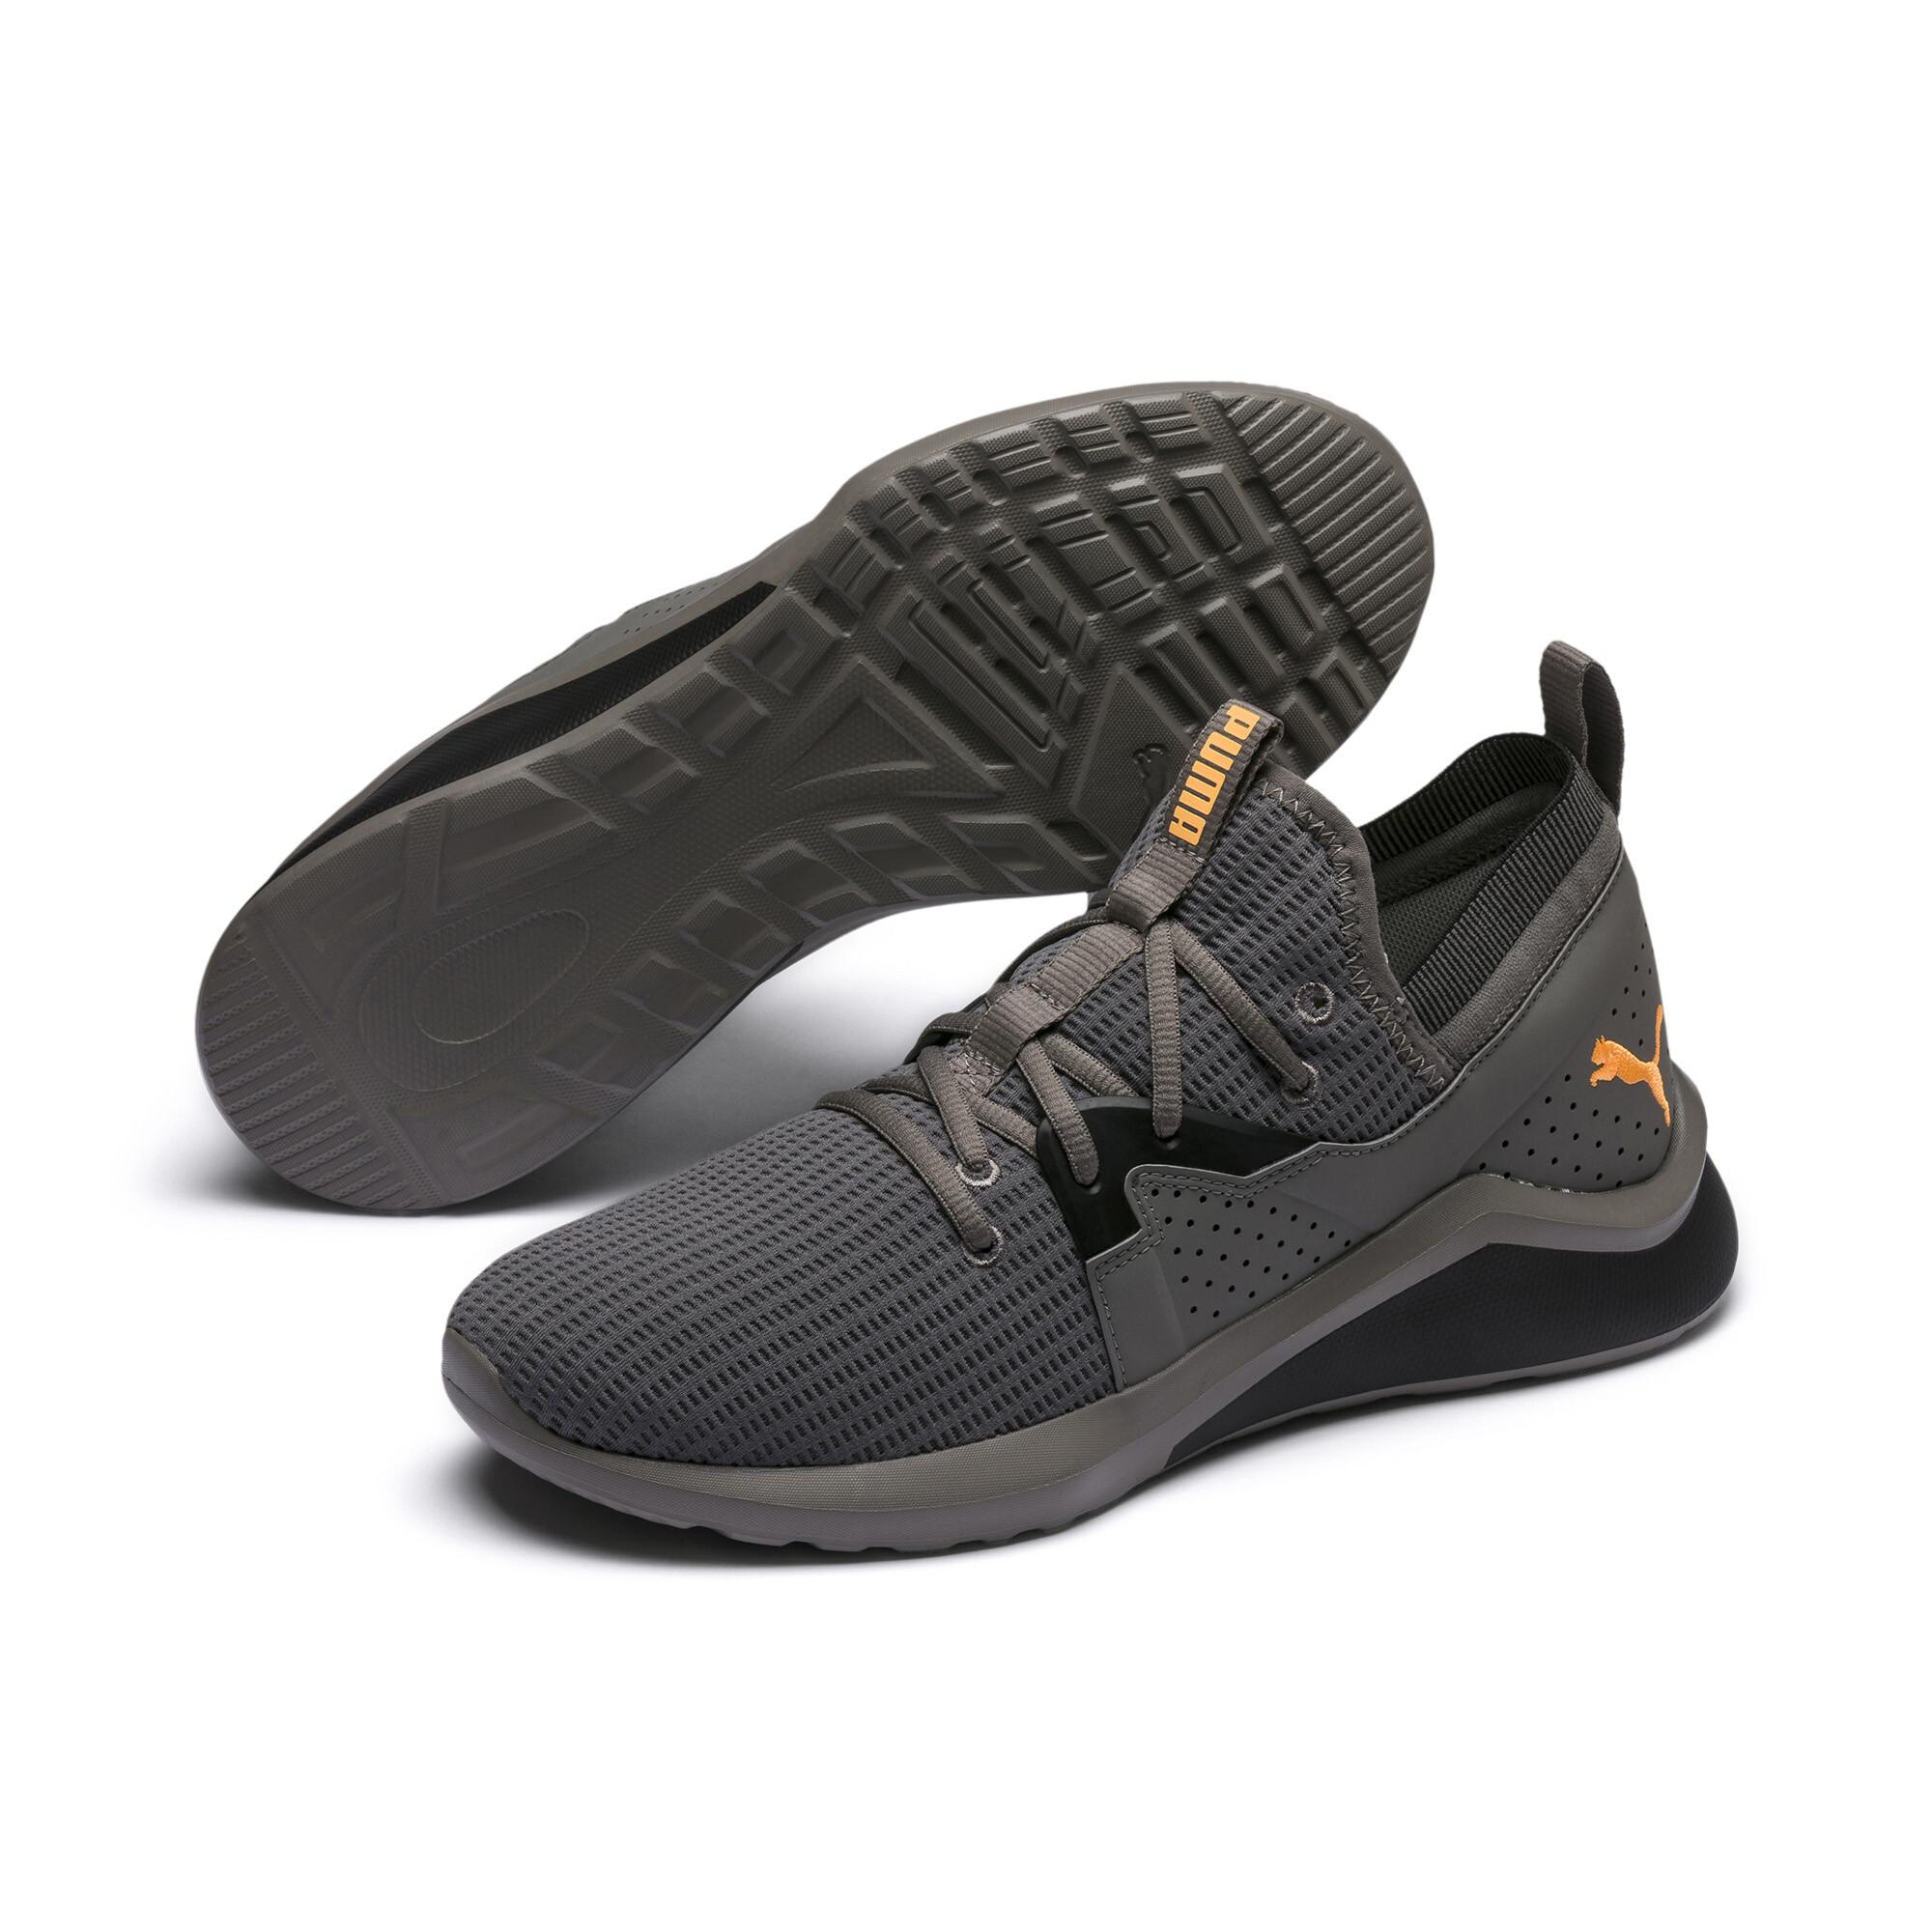 PUMA-Men-039-s-Emergence-Future-Training-Shoes thumbnail 3